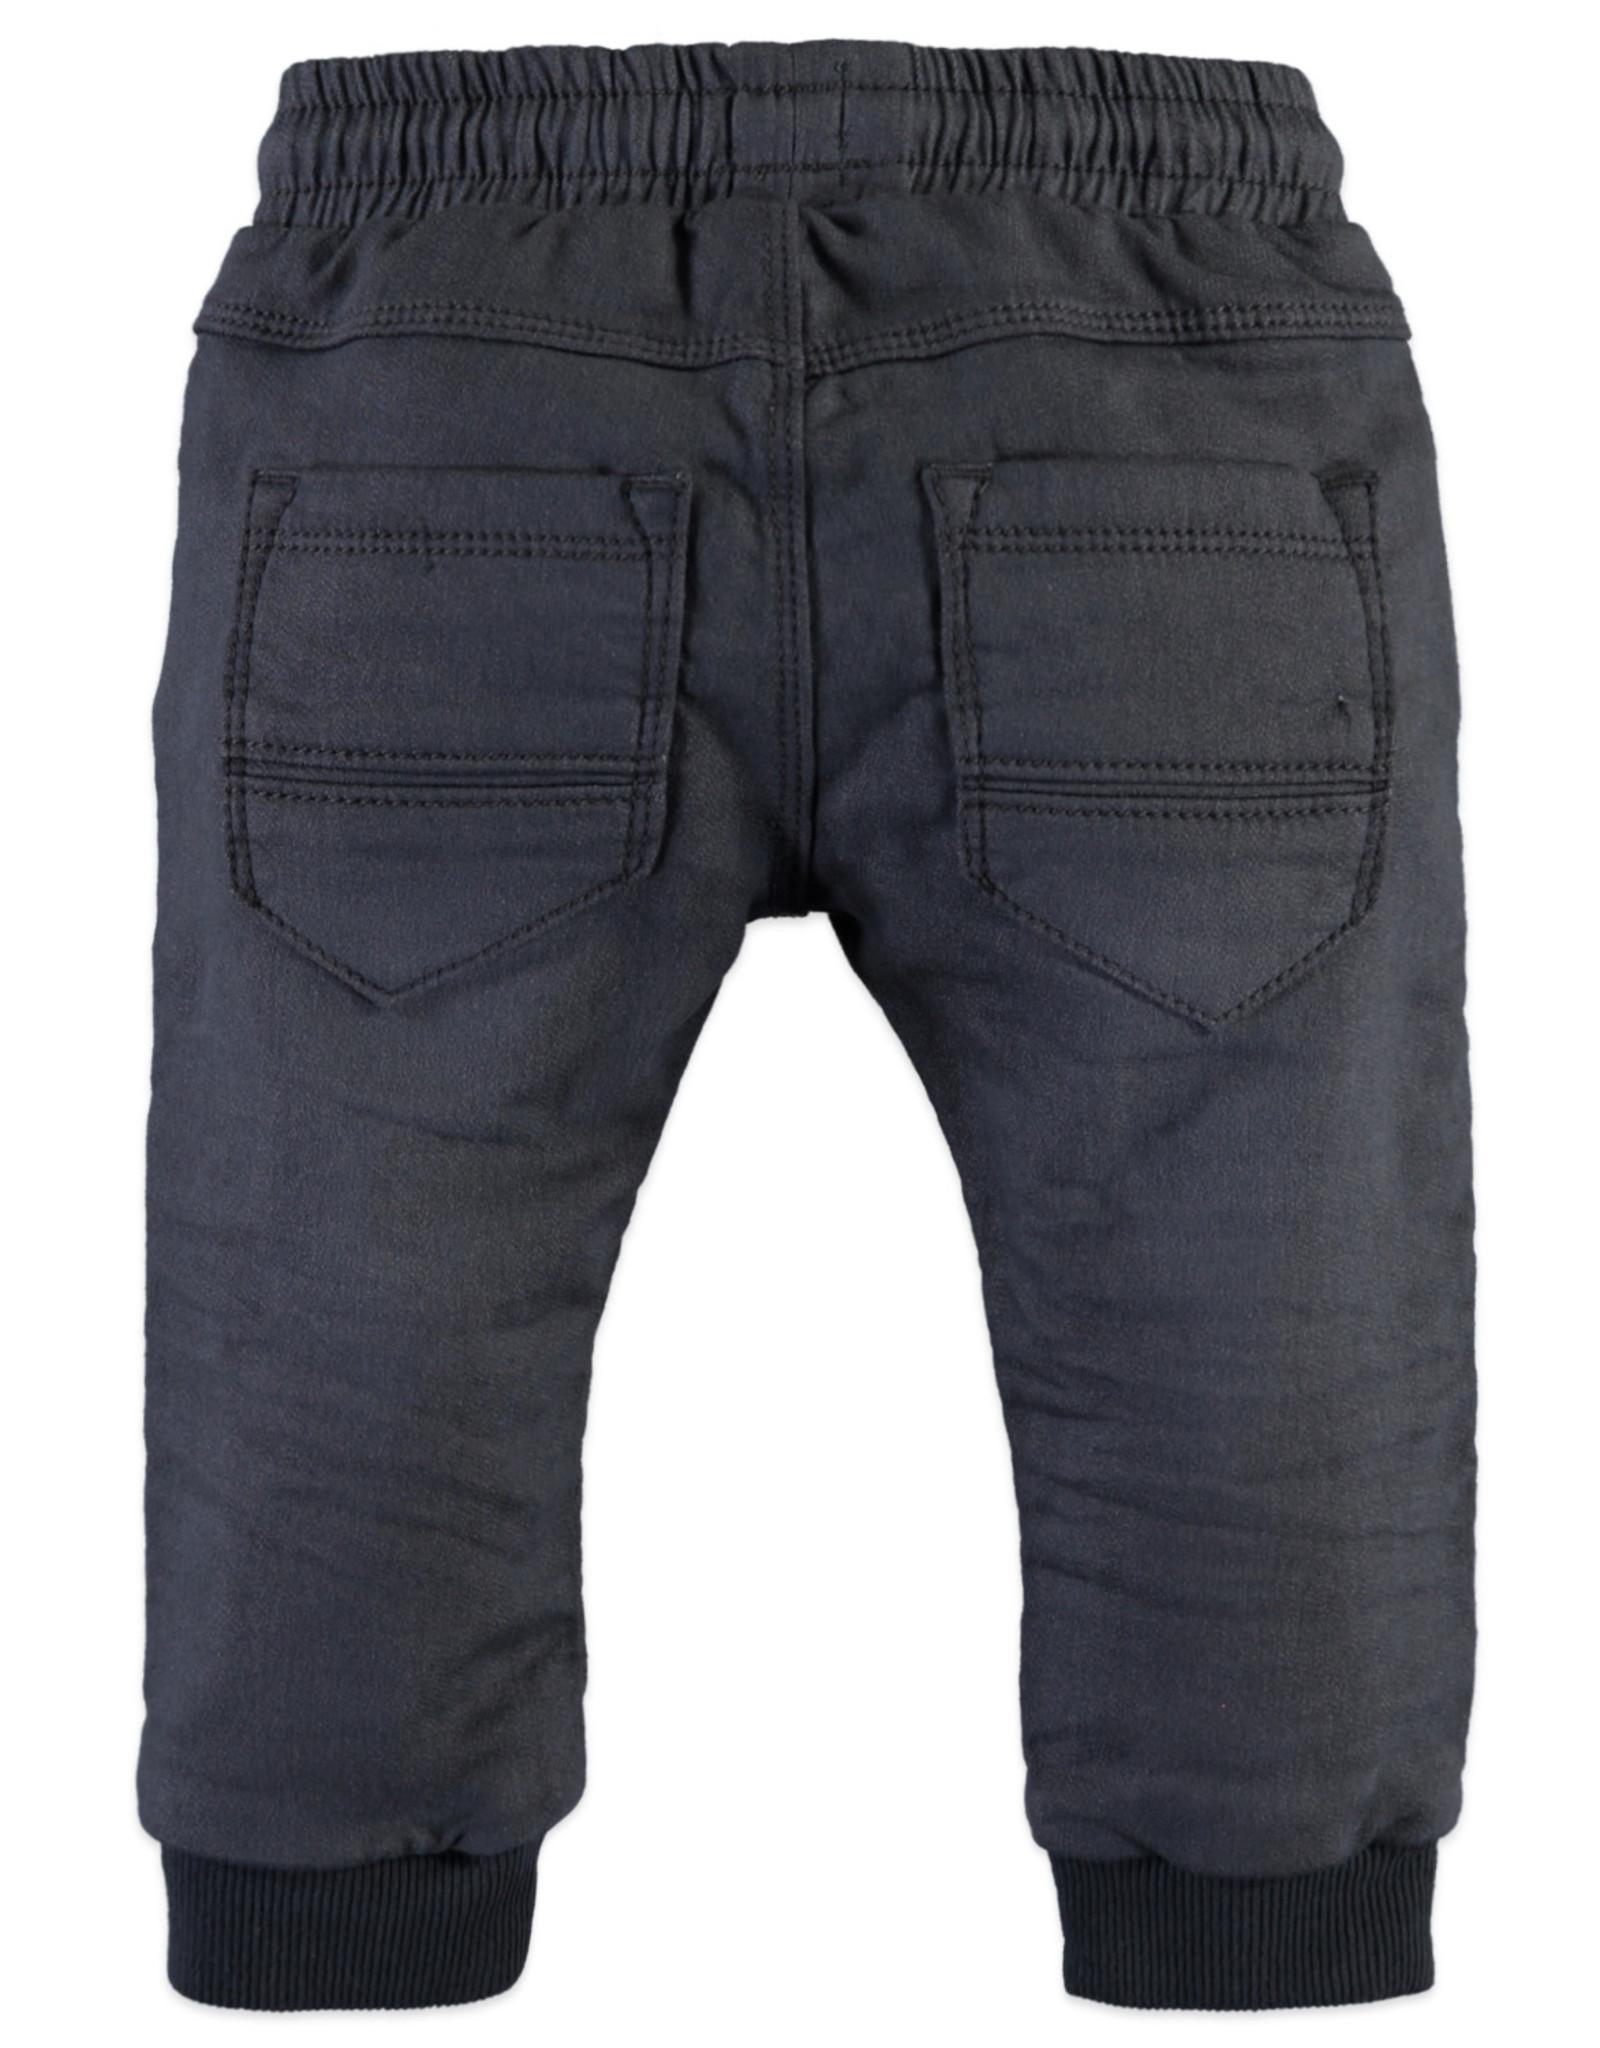 Babyface joggers- blue grey